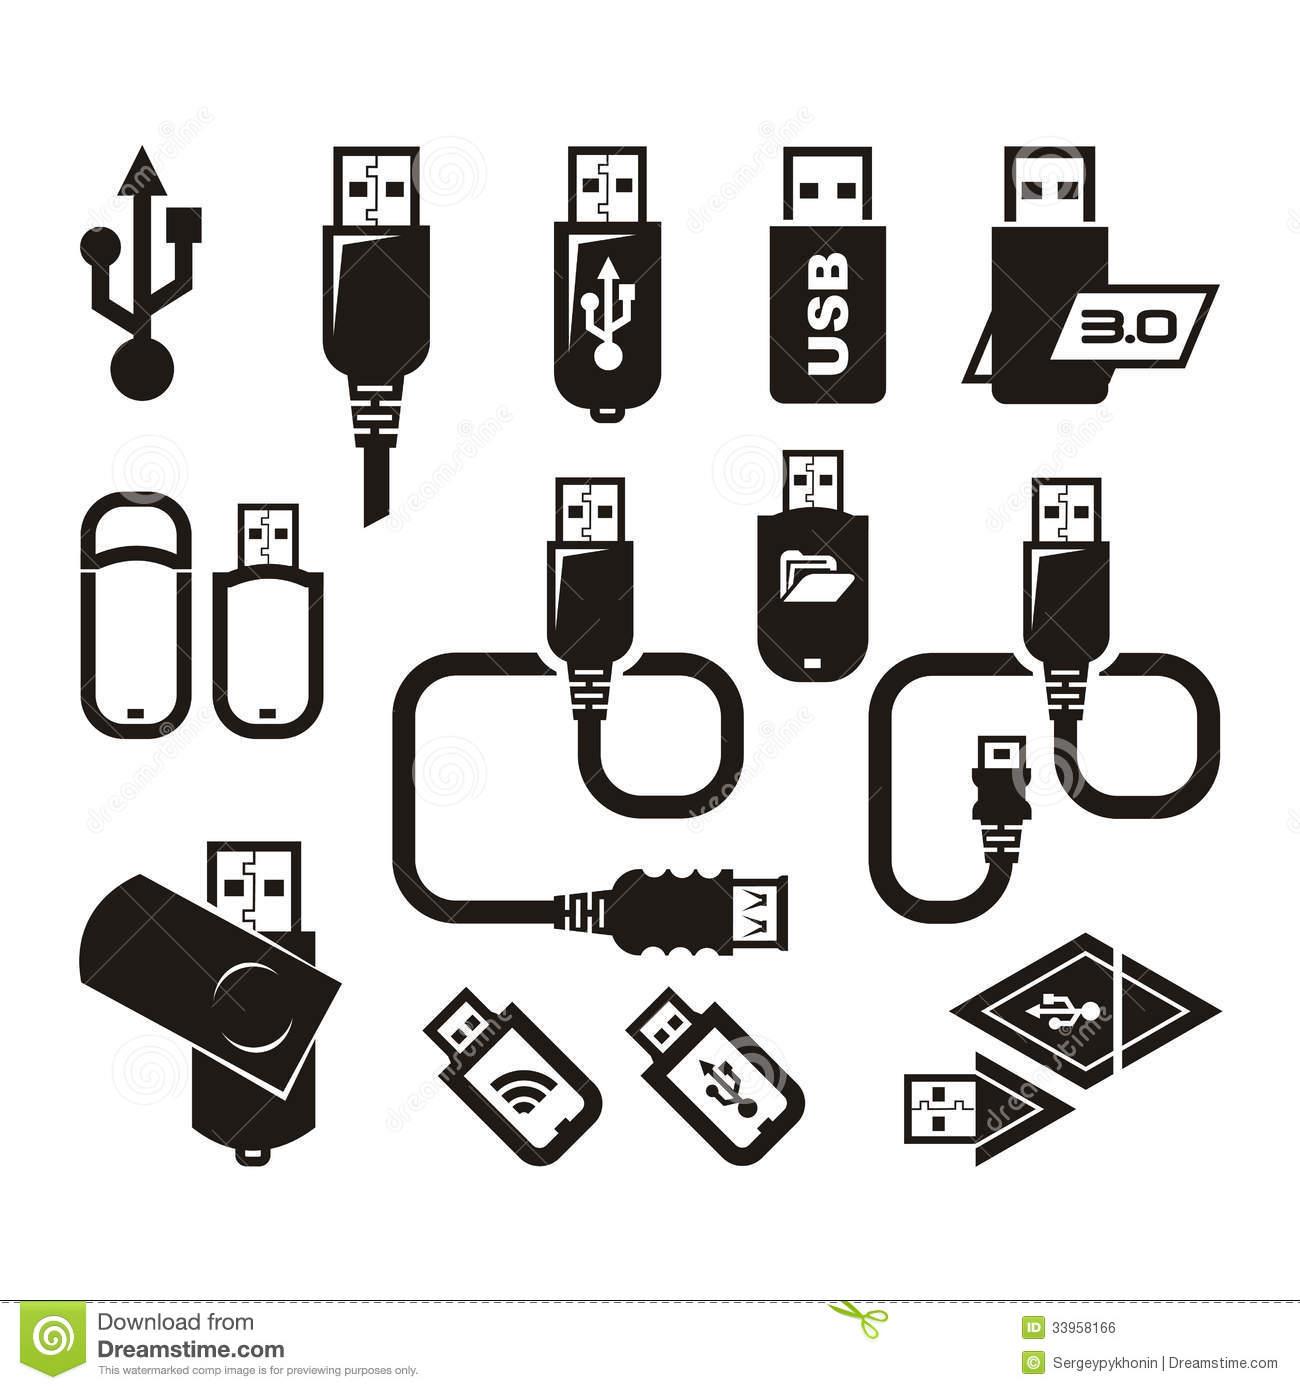 11 Usb Symbol Vector Images